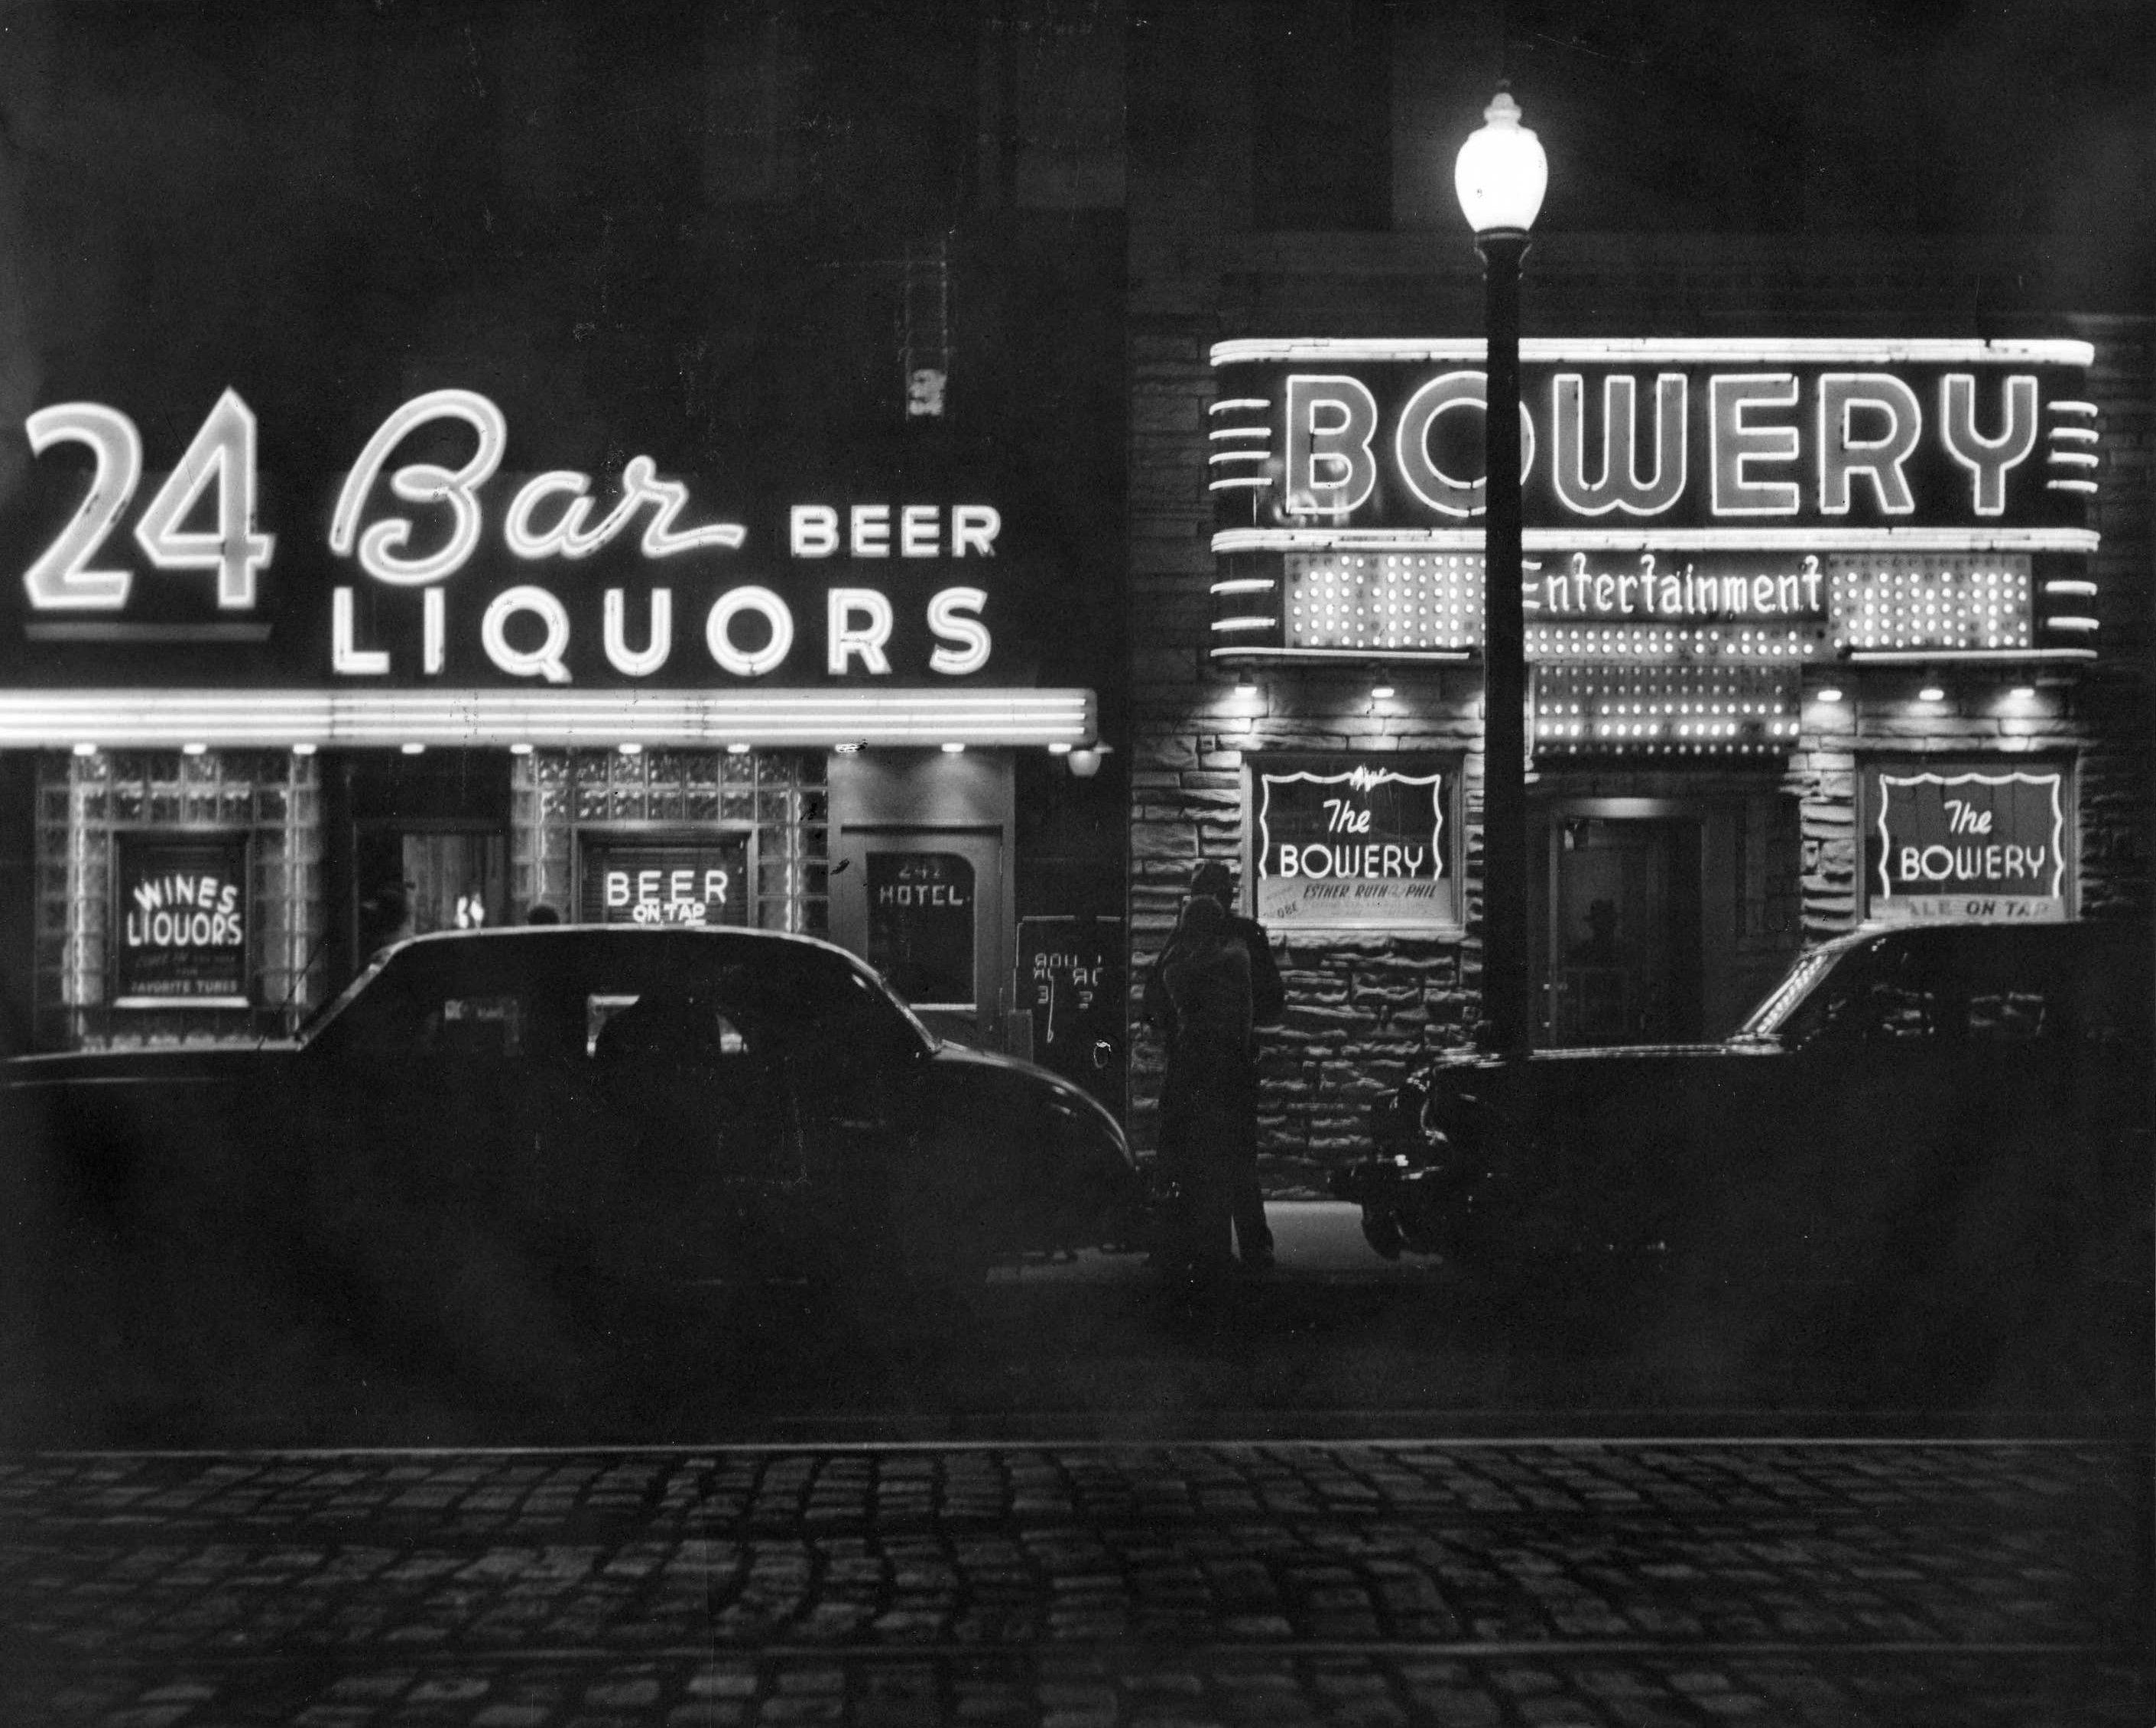 ambient bar kulisse ... Schilder gezeichnet / gemalt Gebäude ...